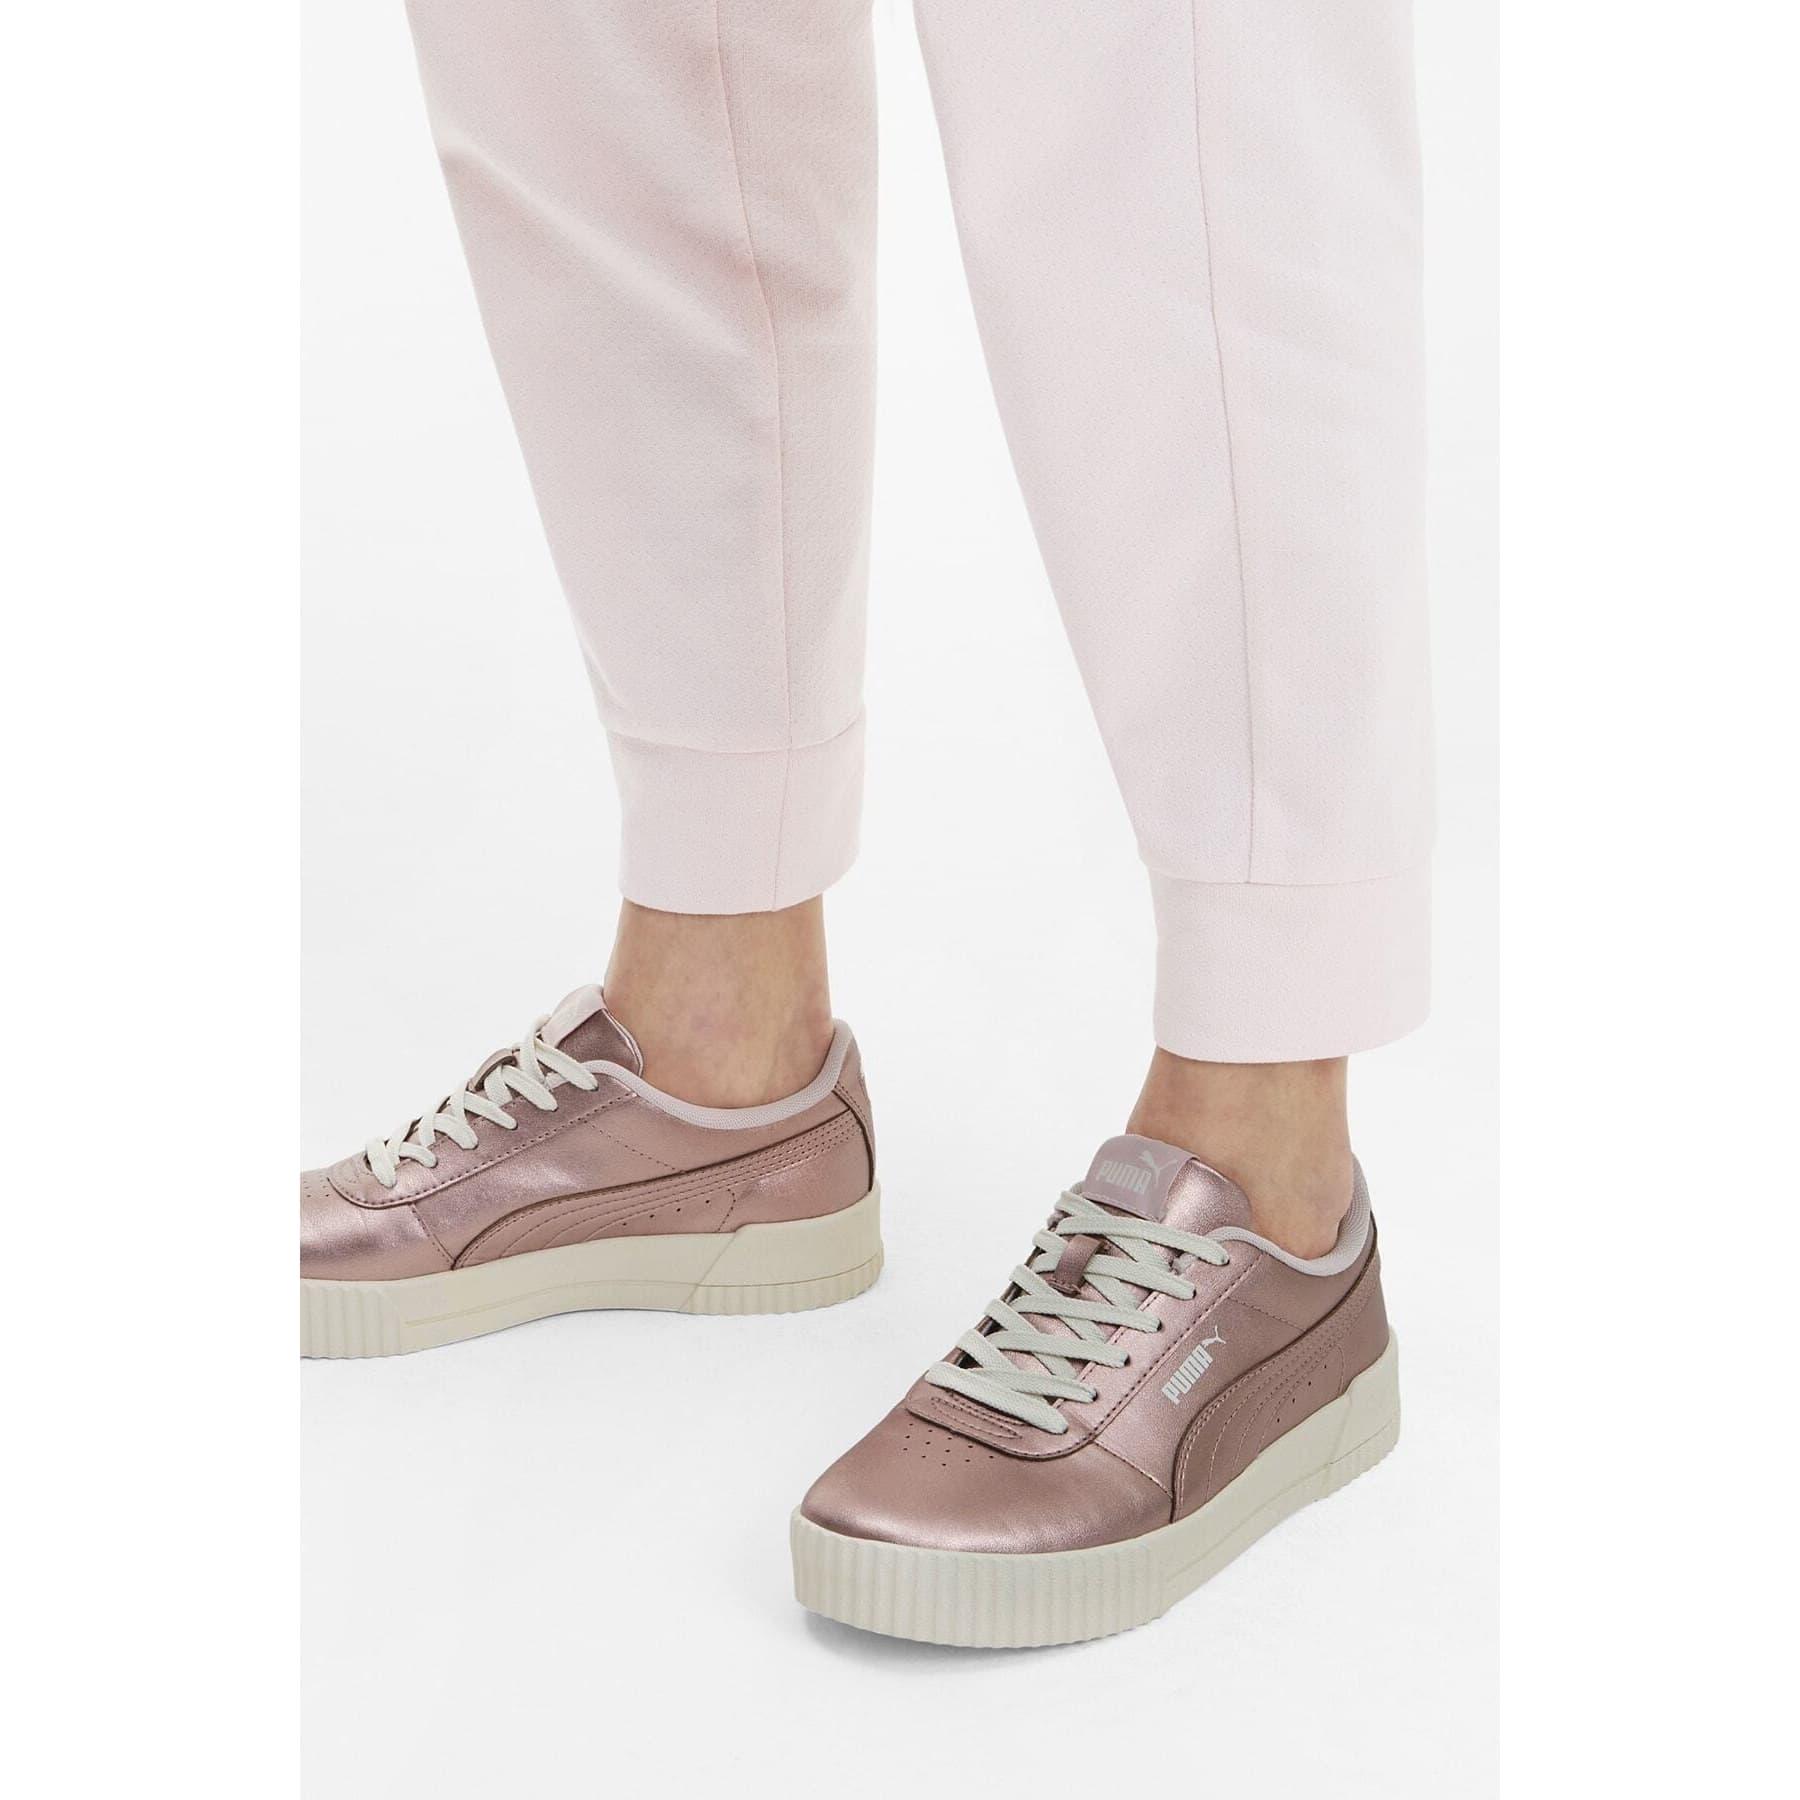 Carina Metallic Kadın Pembe Spor Ayakkabı